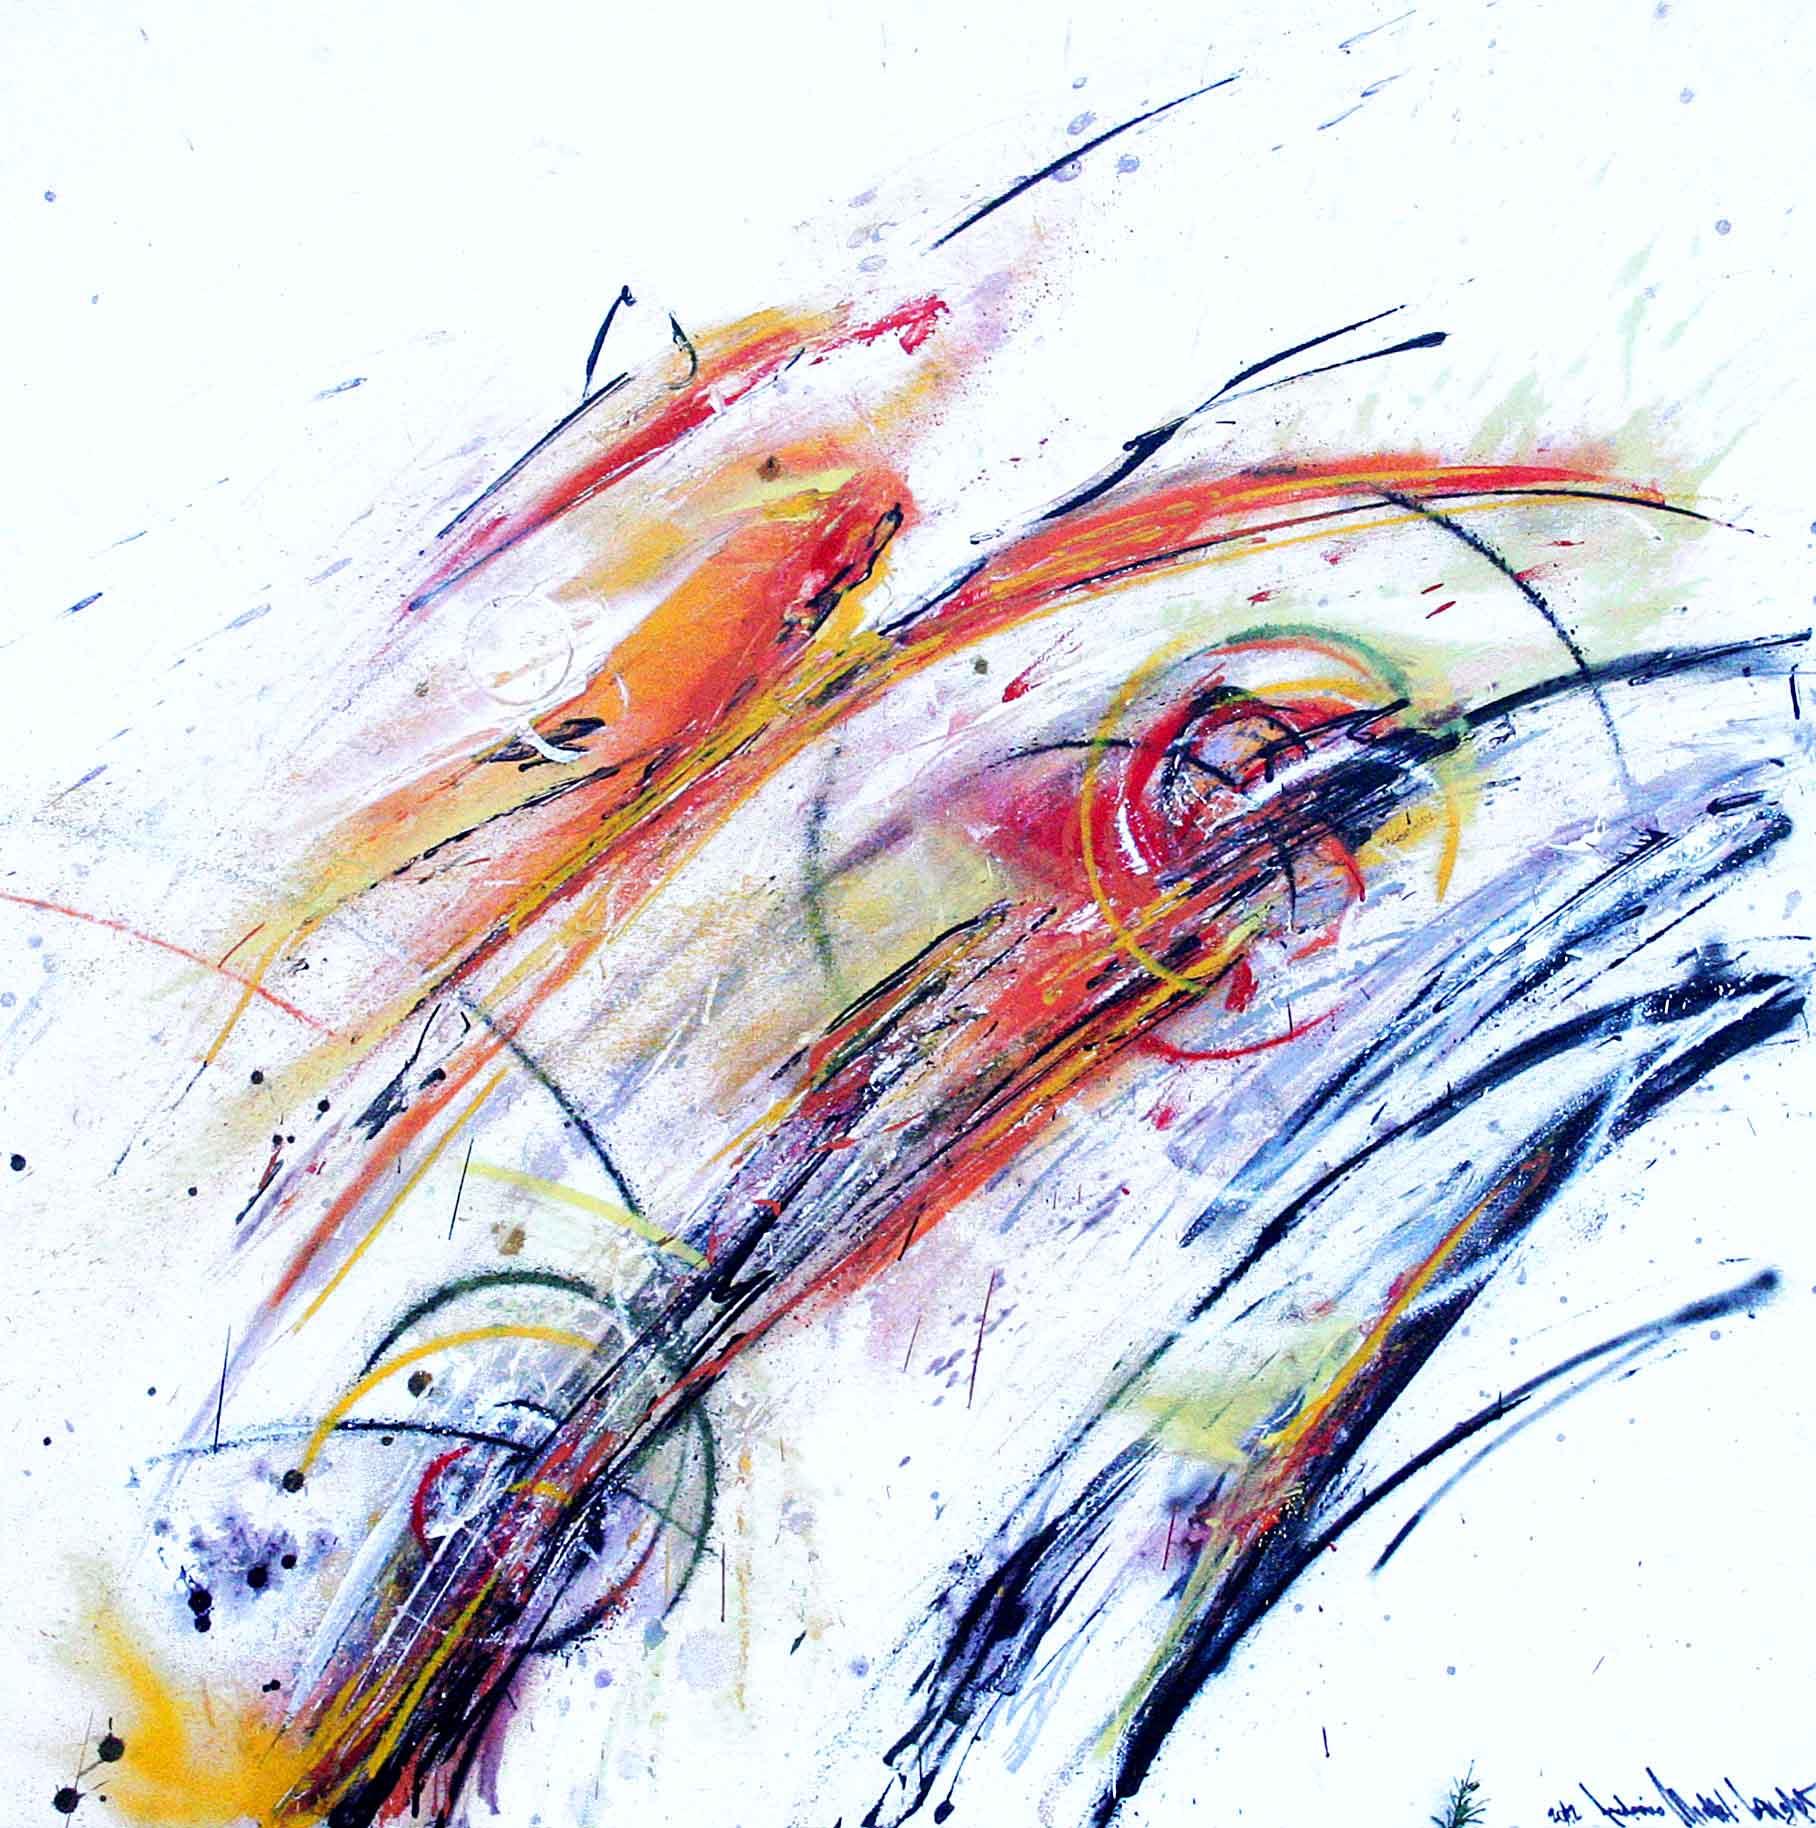 tableau abstrait decoratif avec des couleurs rouges vertes et blanche